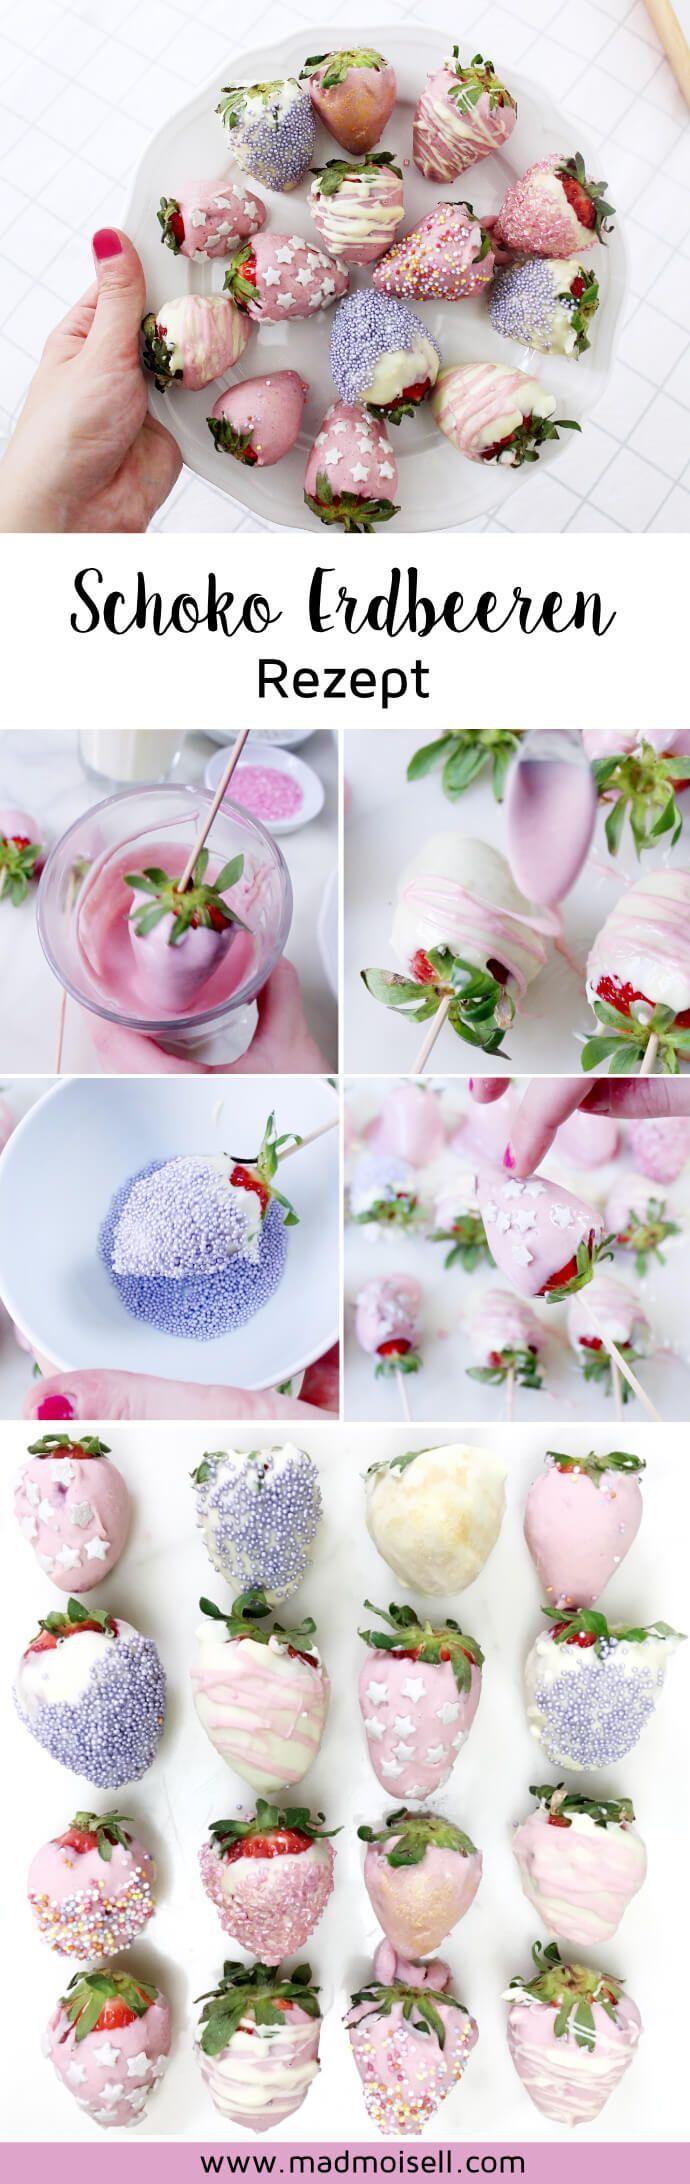 Schokoladenerdbeeren selber machen: Super einfaches Rezept! – Erdbeeren